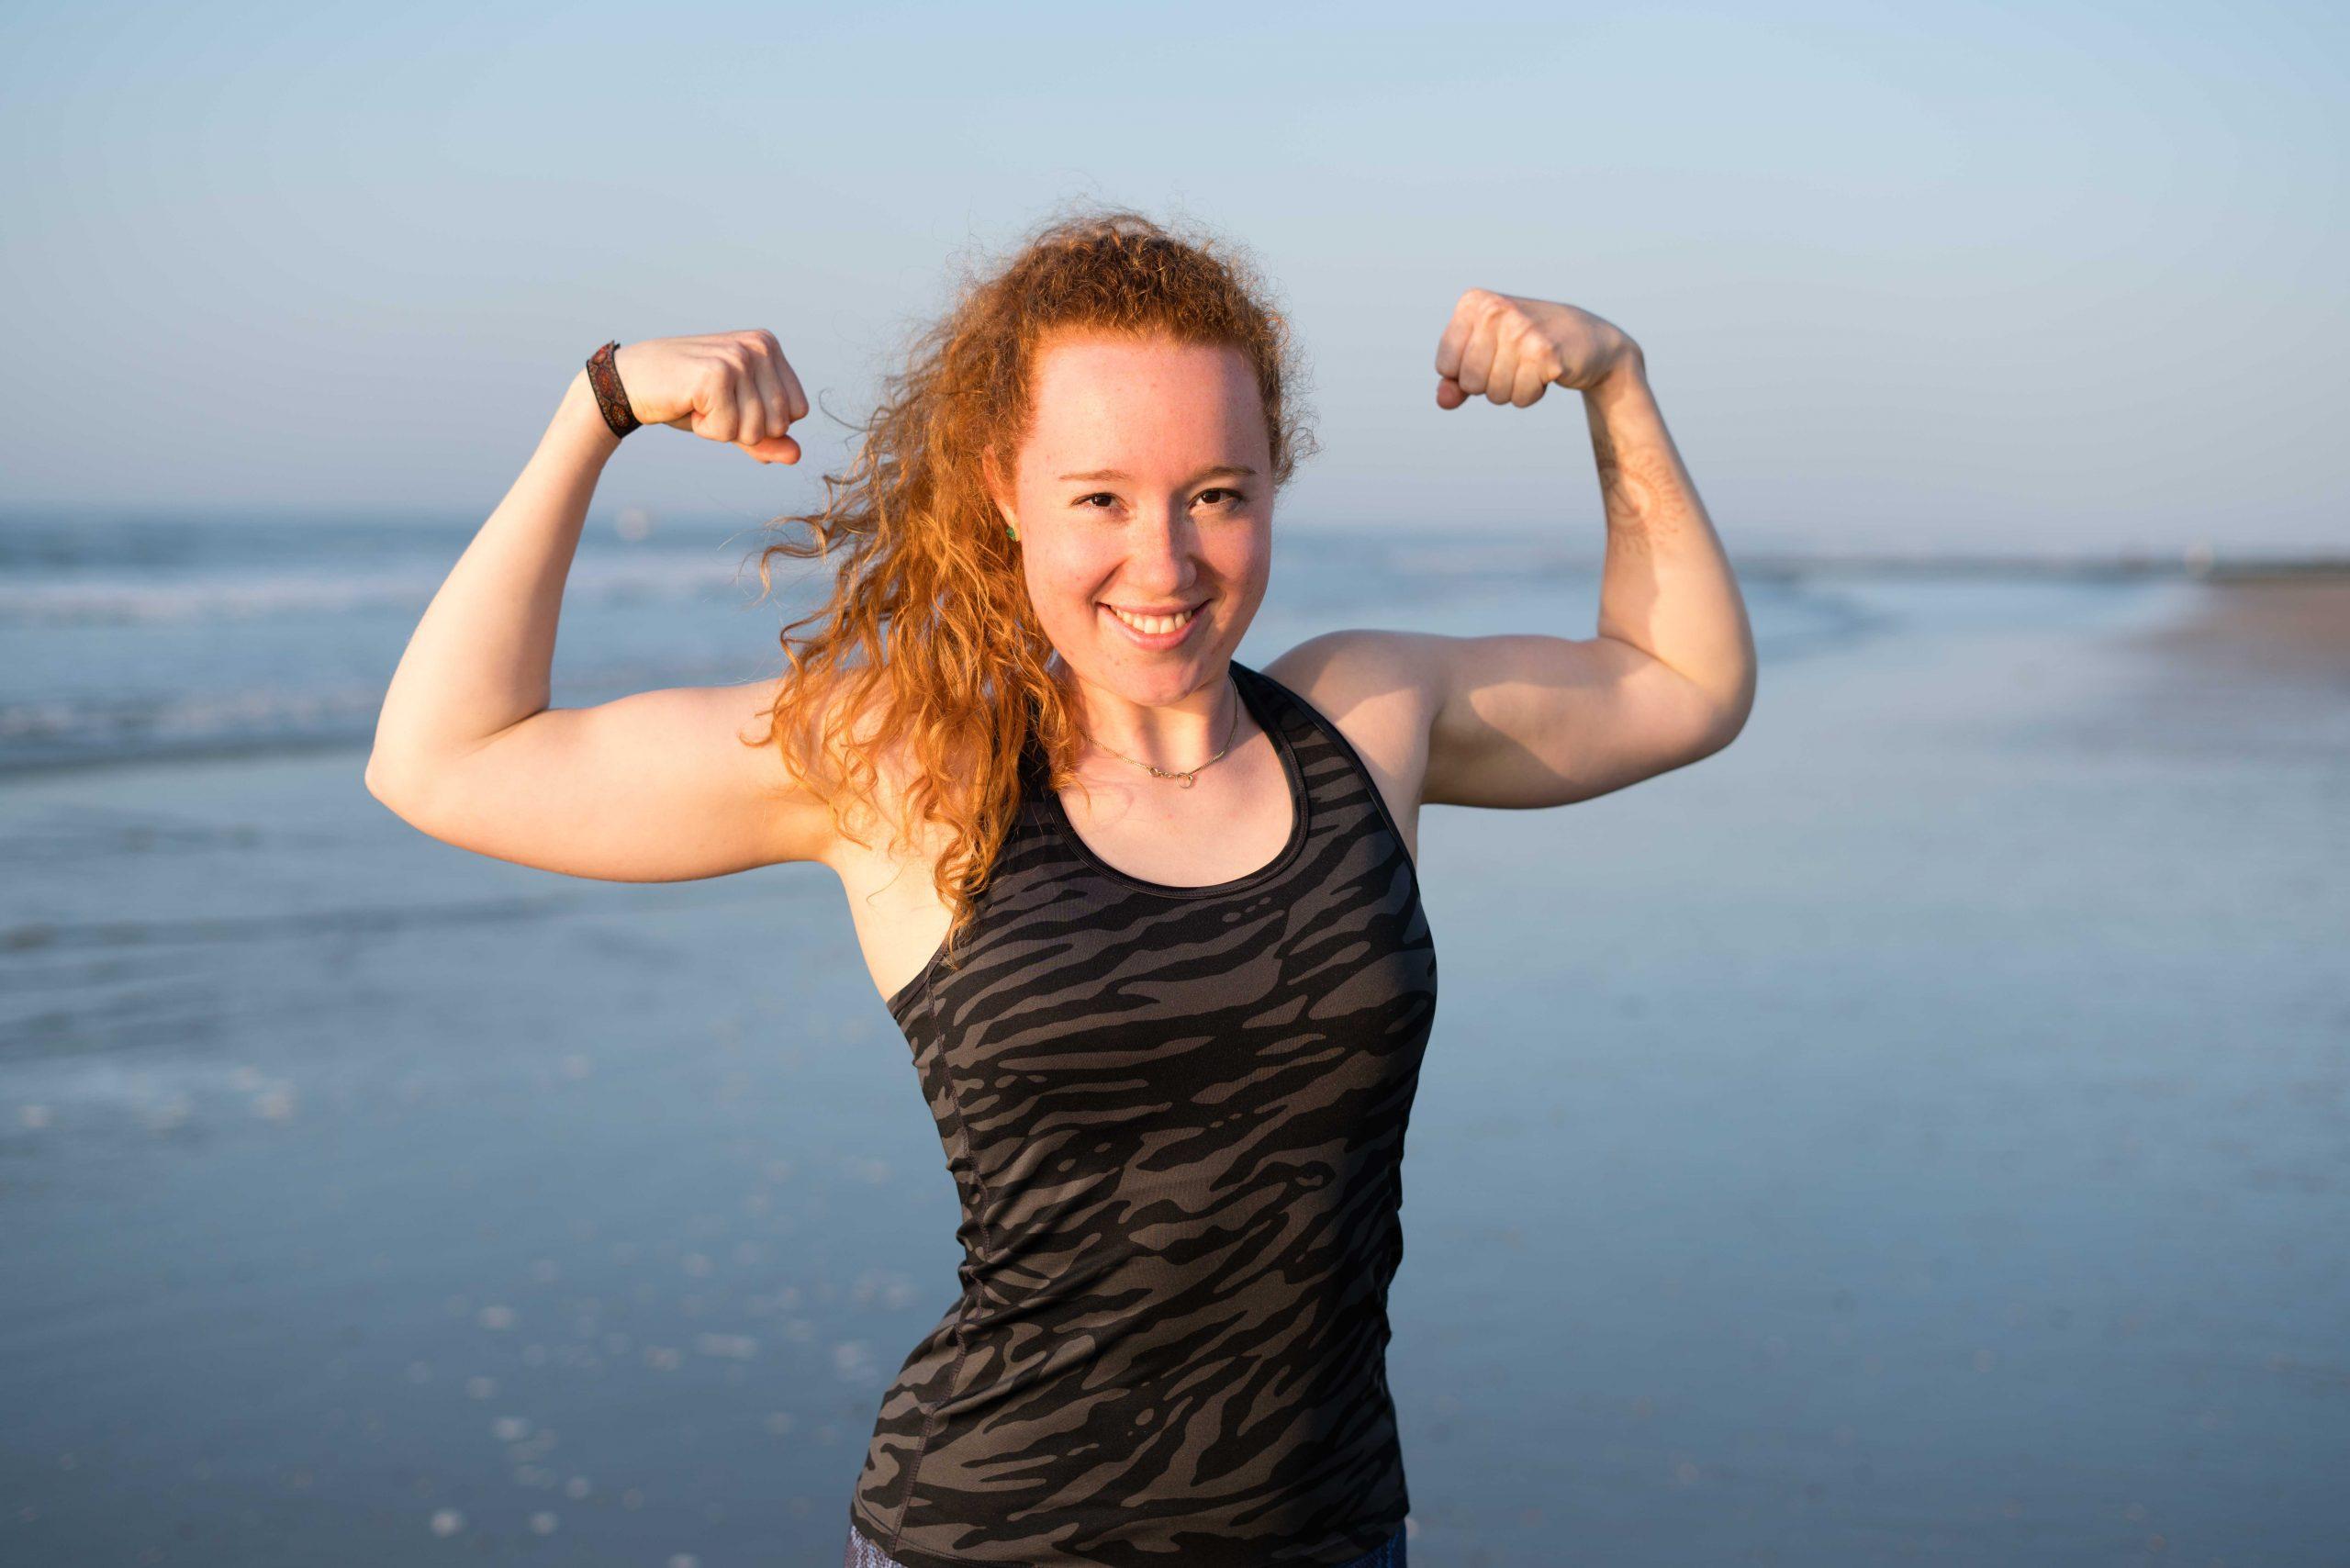 Das bin ich, Muskelpose am Strand